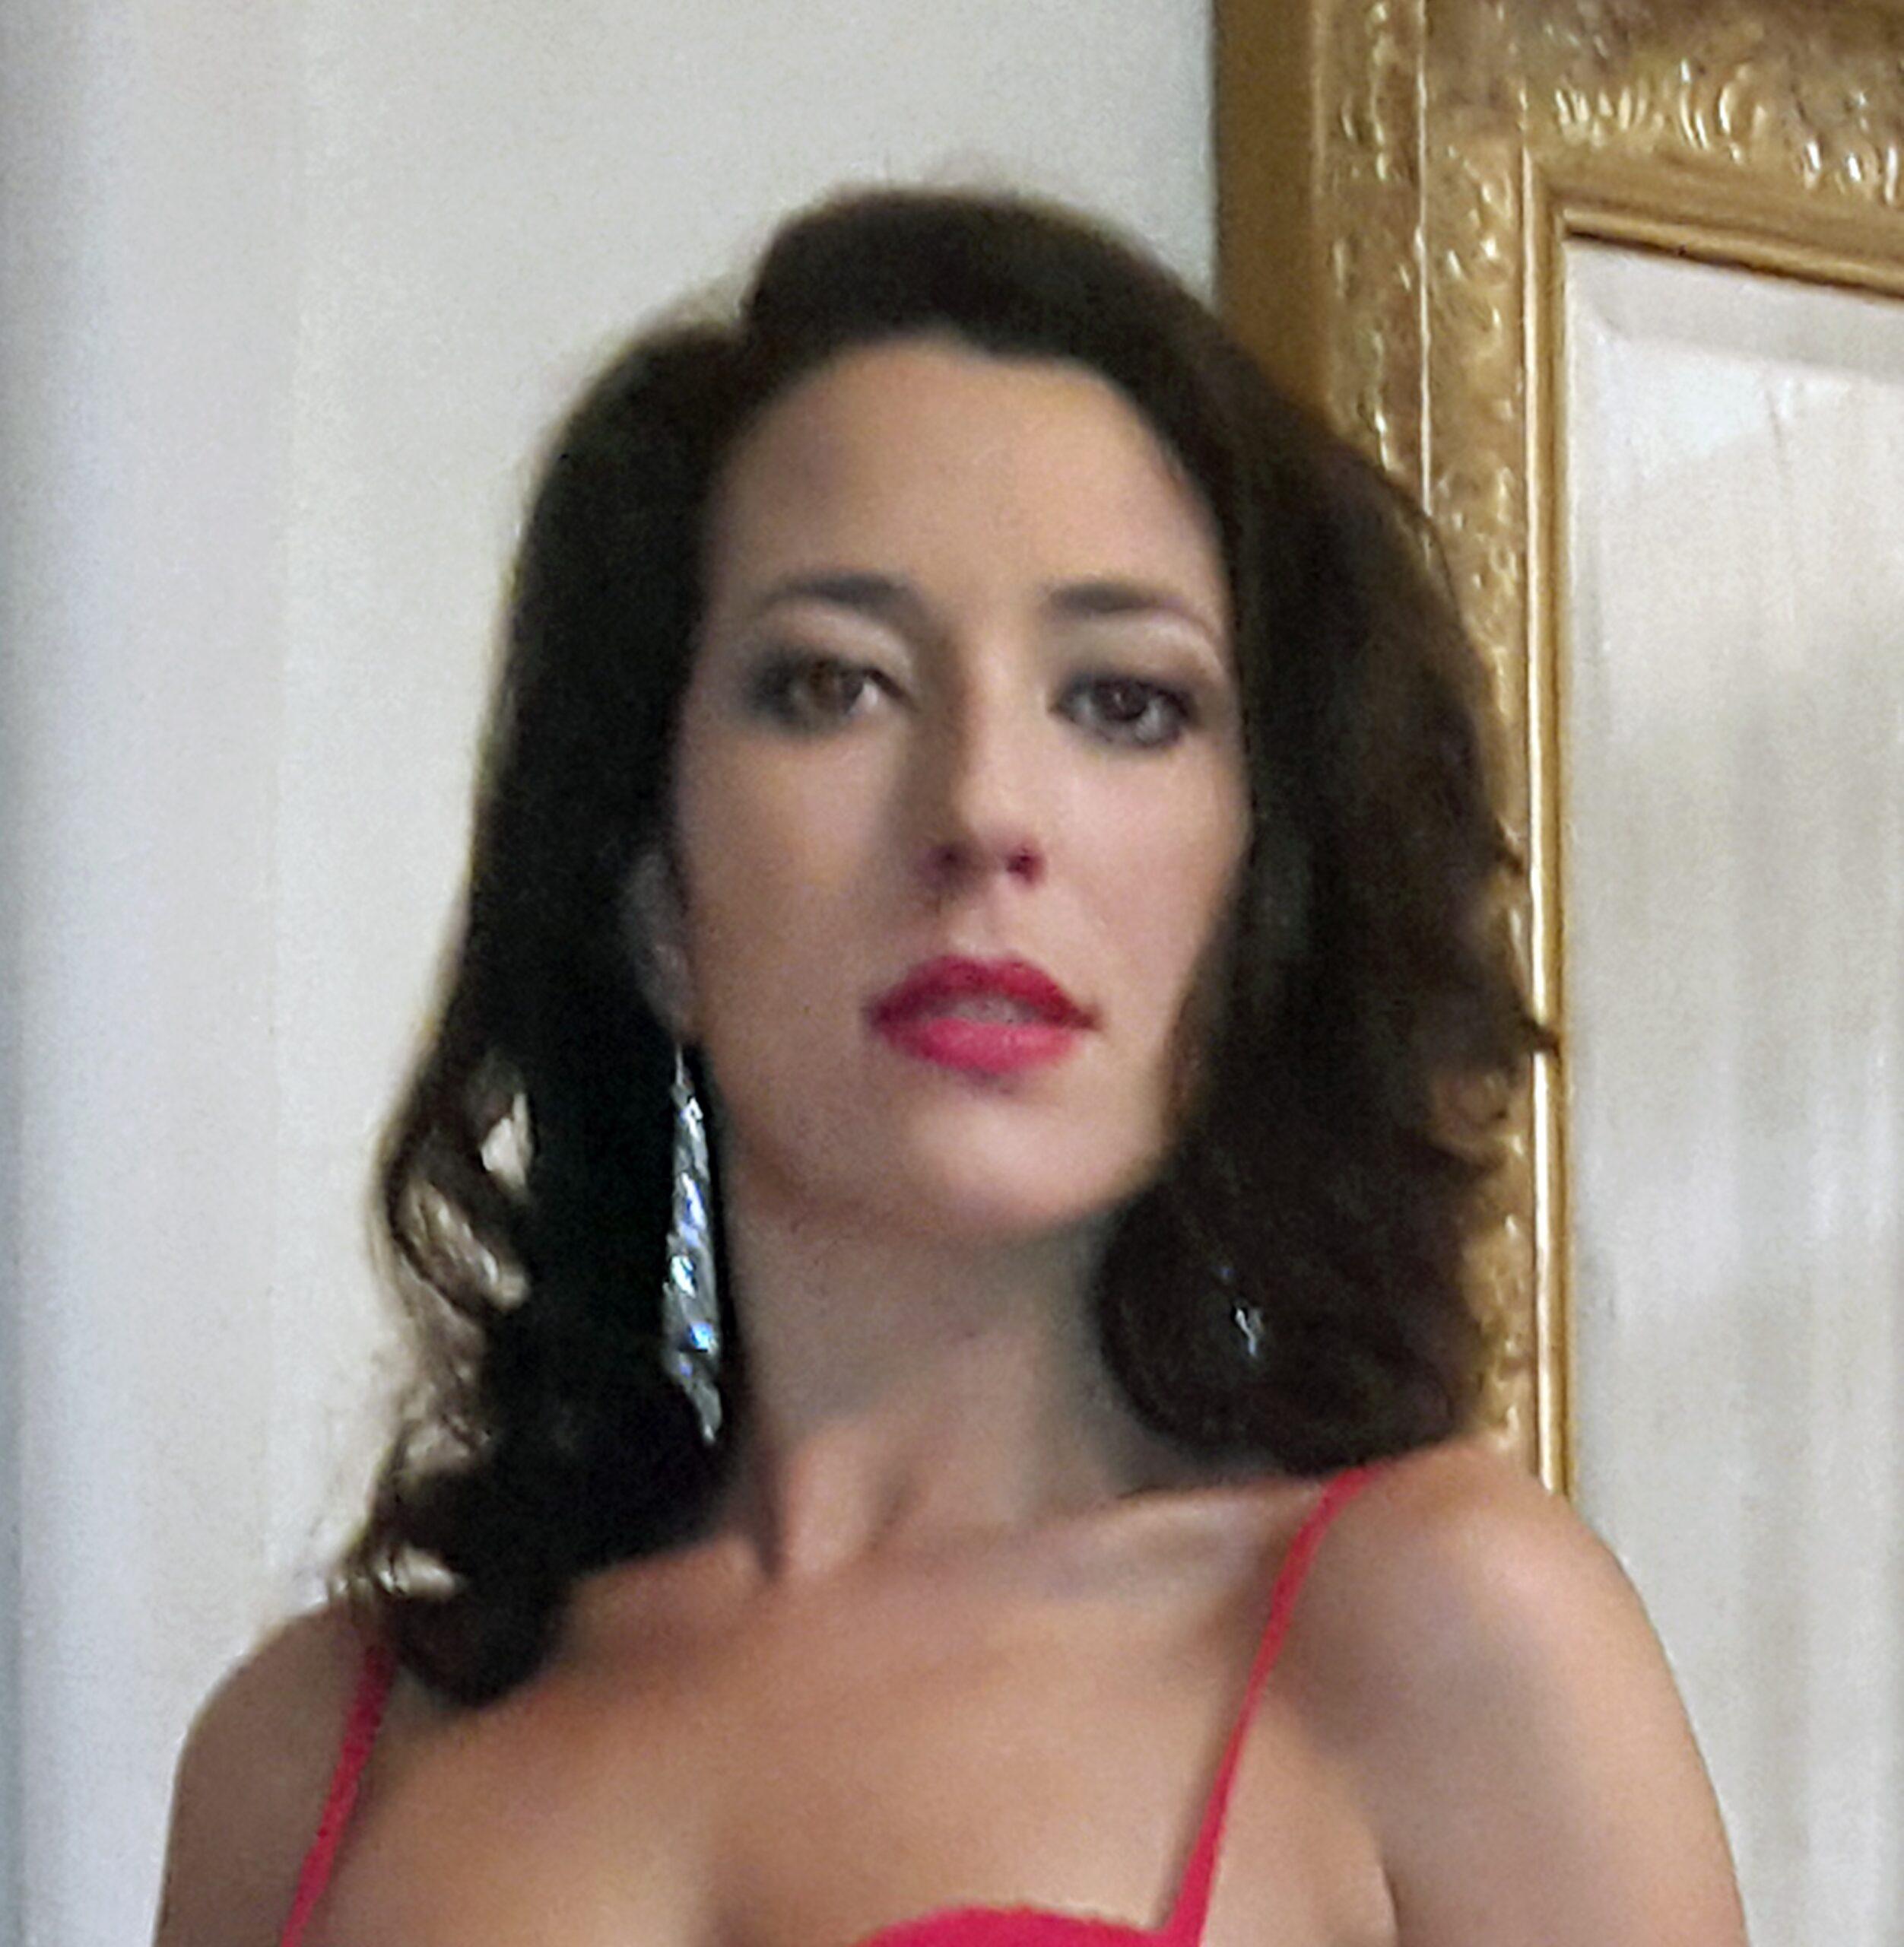 Il soprano abruzzese Chiara Tarquini ospite del Taobuk festival di Taormina